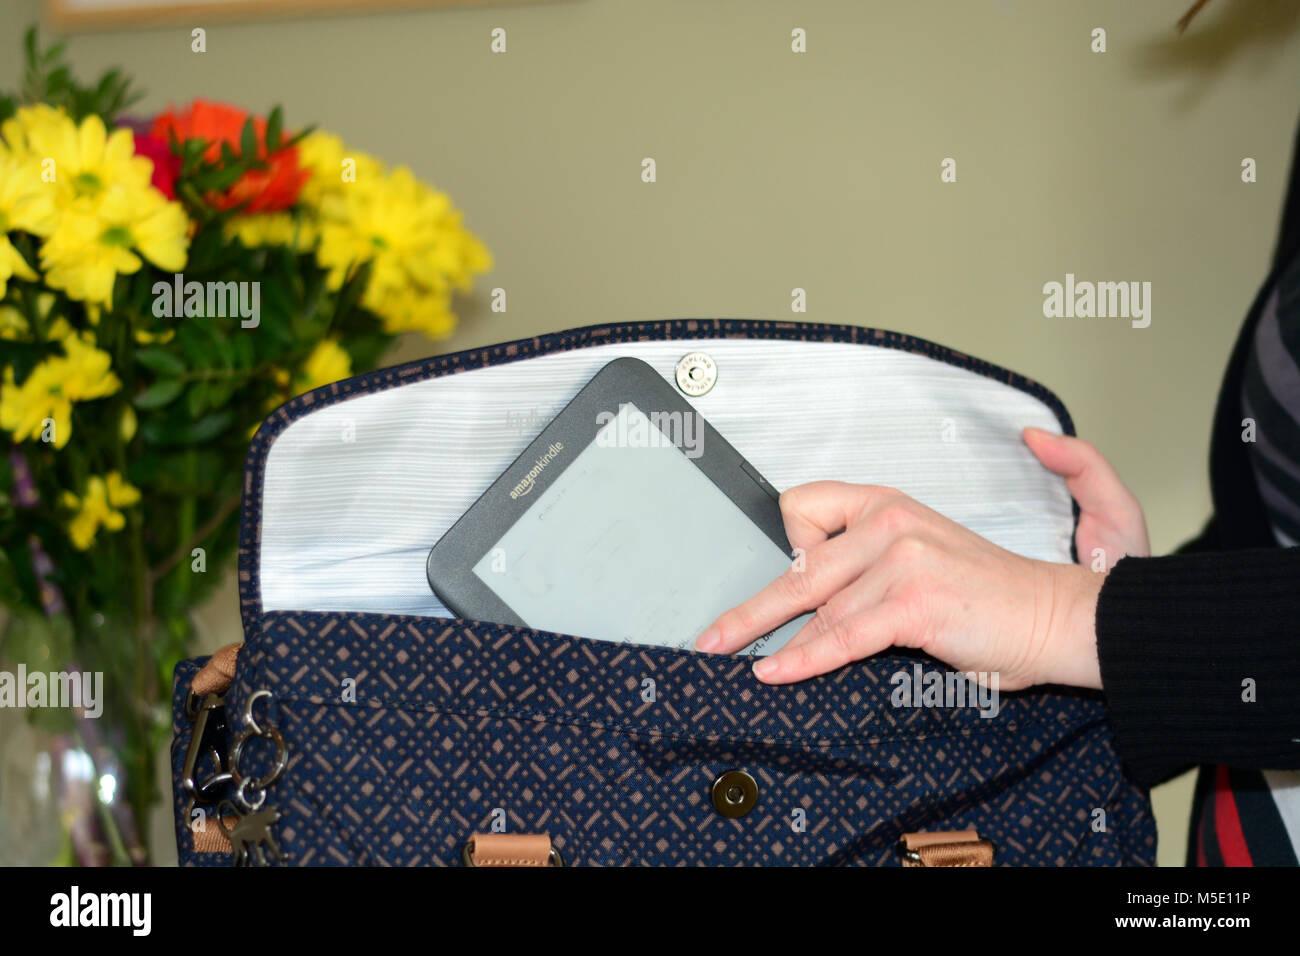 Femme de prendre un e-reader Kindle hors de son sac à main Photo Stock